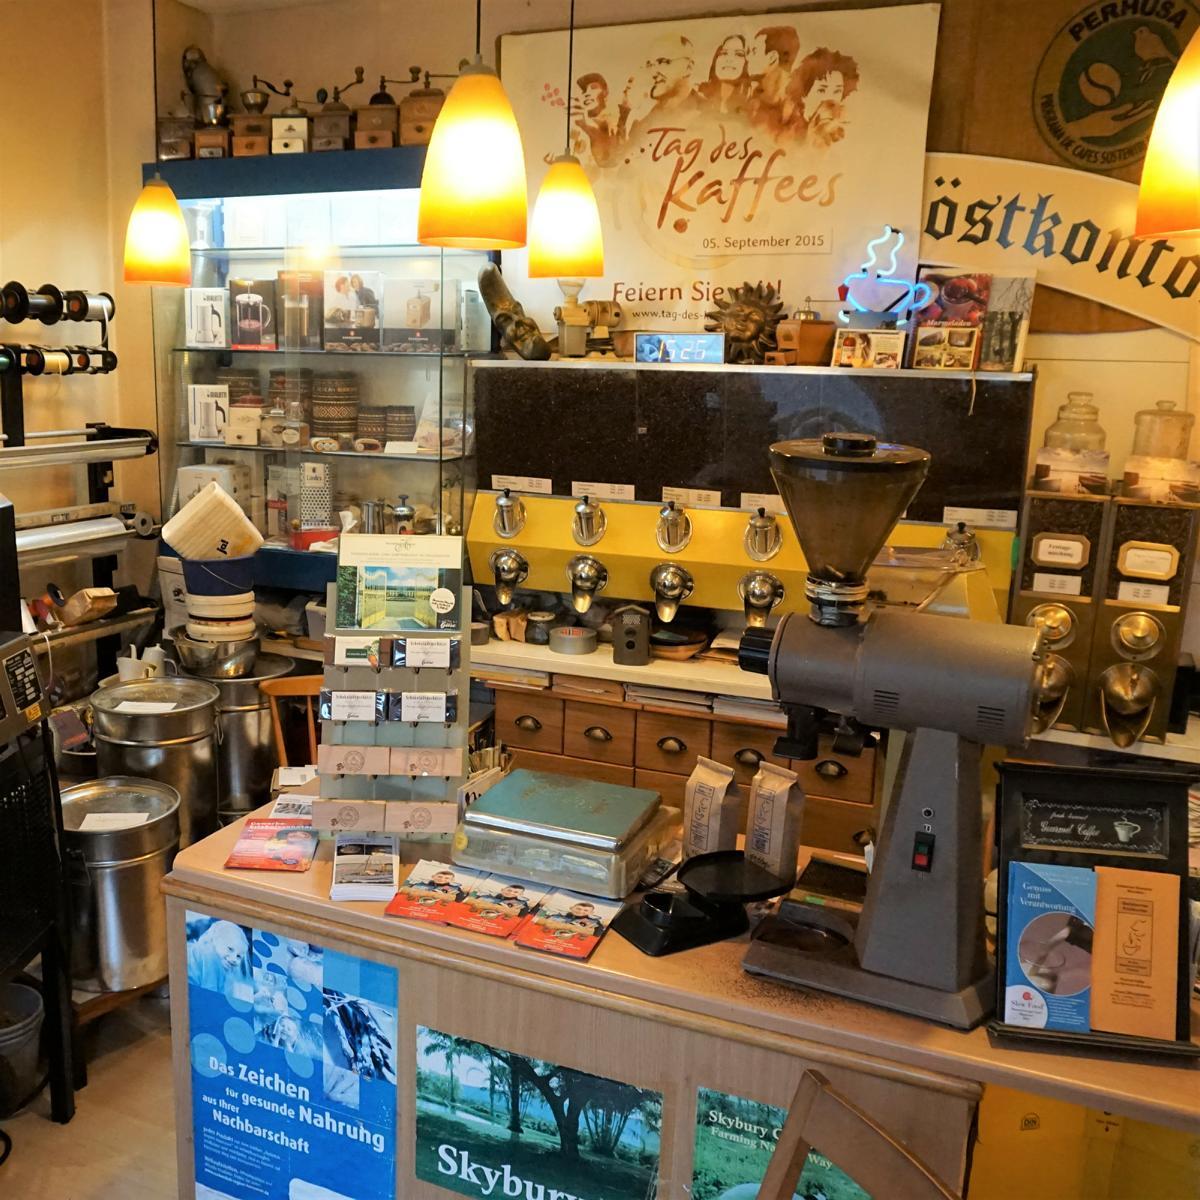 Style Hannover Godshorner Röstkontor B1 - Godshorner Röstkontor –  Slow Food Kaffee in Kirchrode